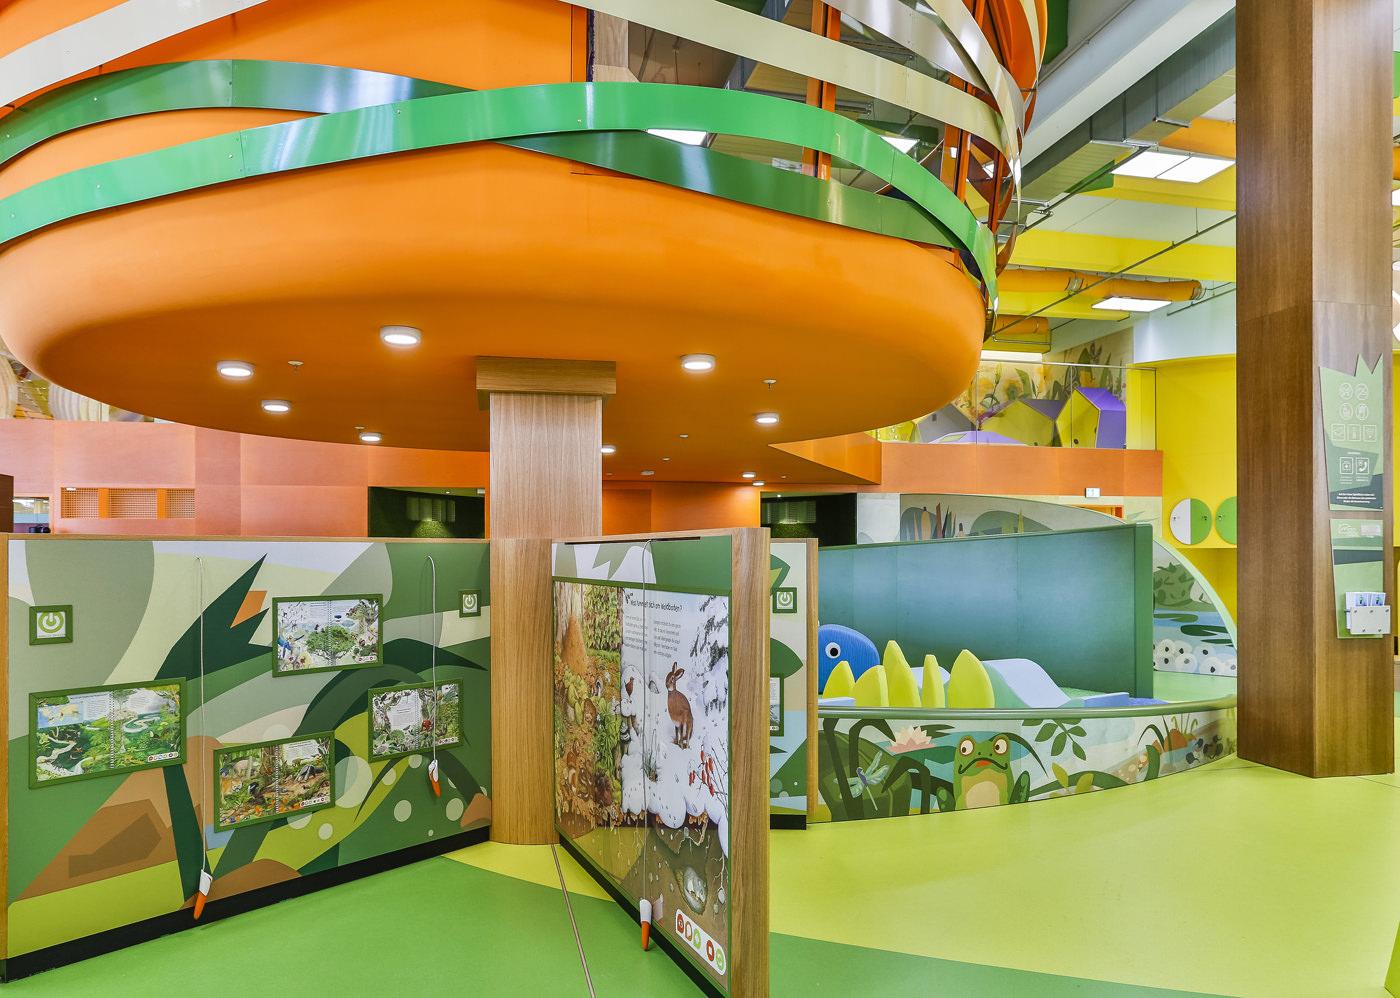 Kinder-Erlebniswelten von Ravensburger - Kinderwelt im Centro Oberhausen - Centrolino